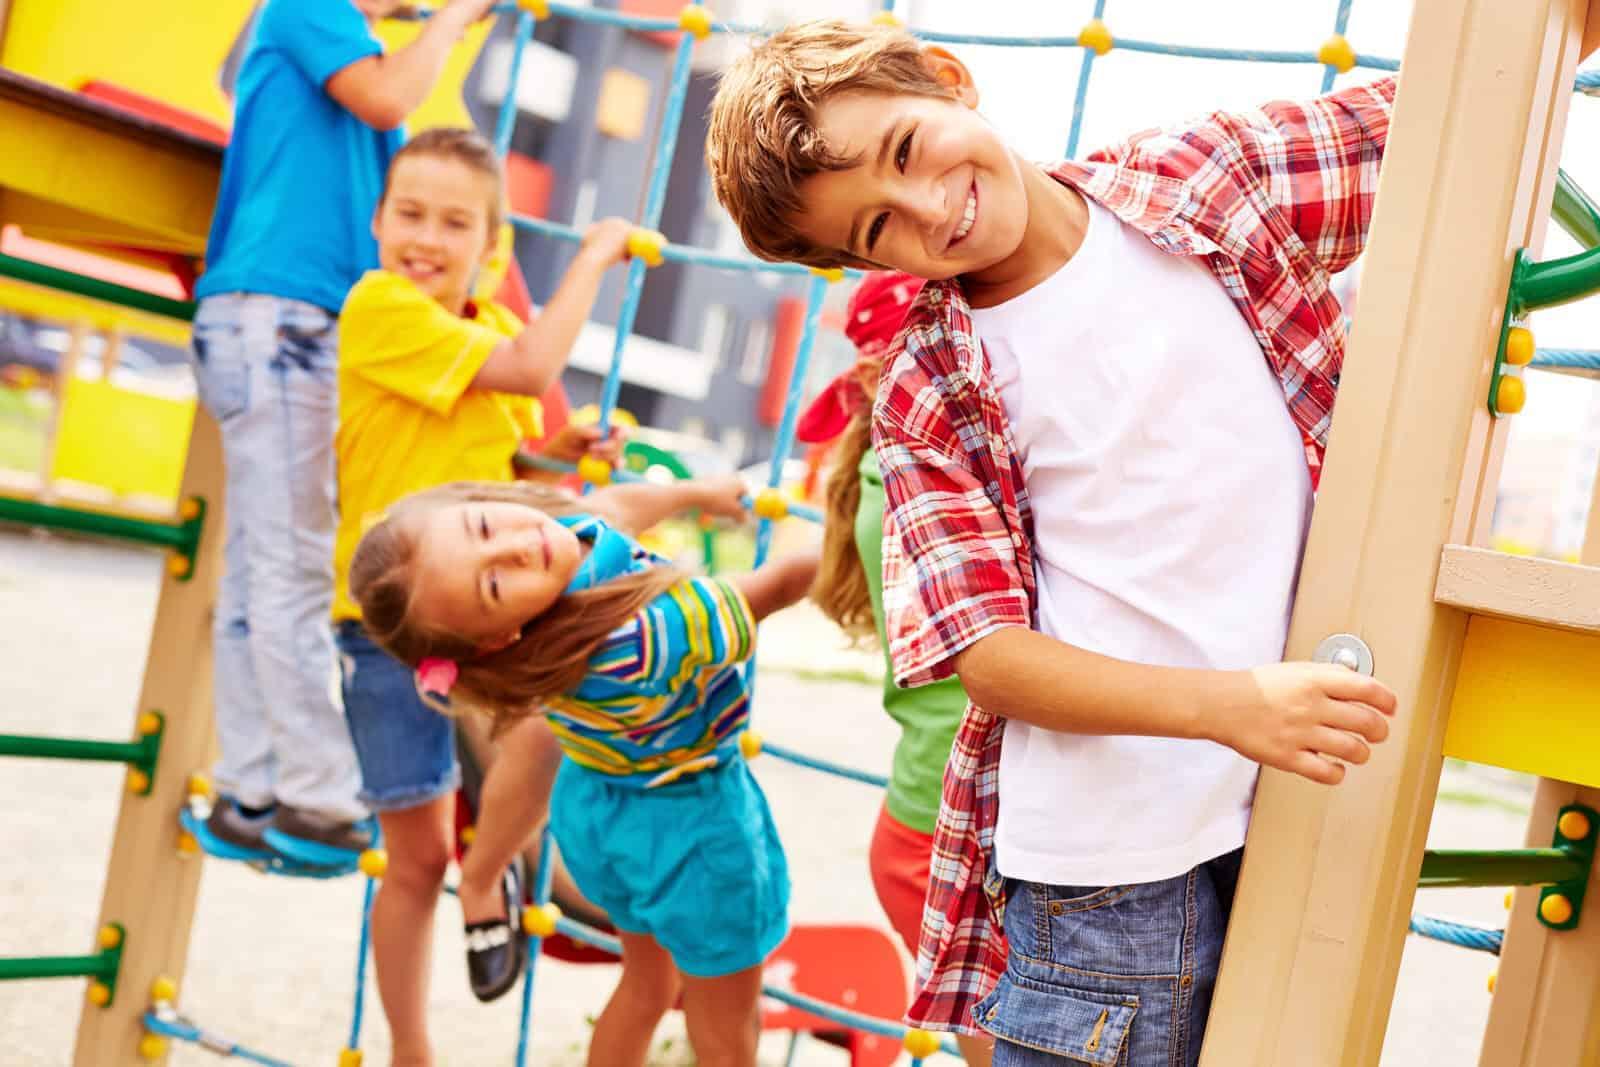 Увлекательные развлечения для детей и взрослых в Москве